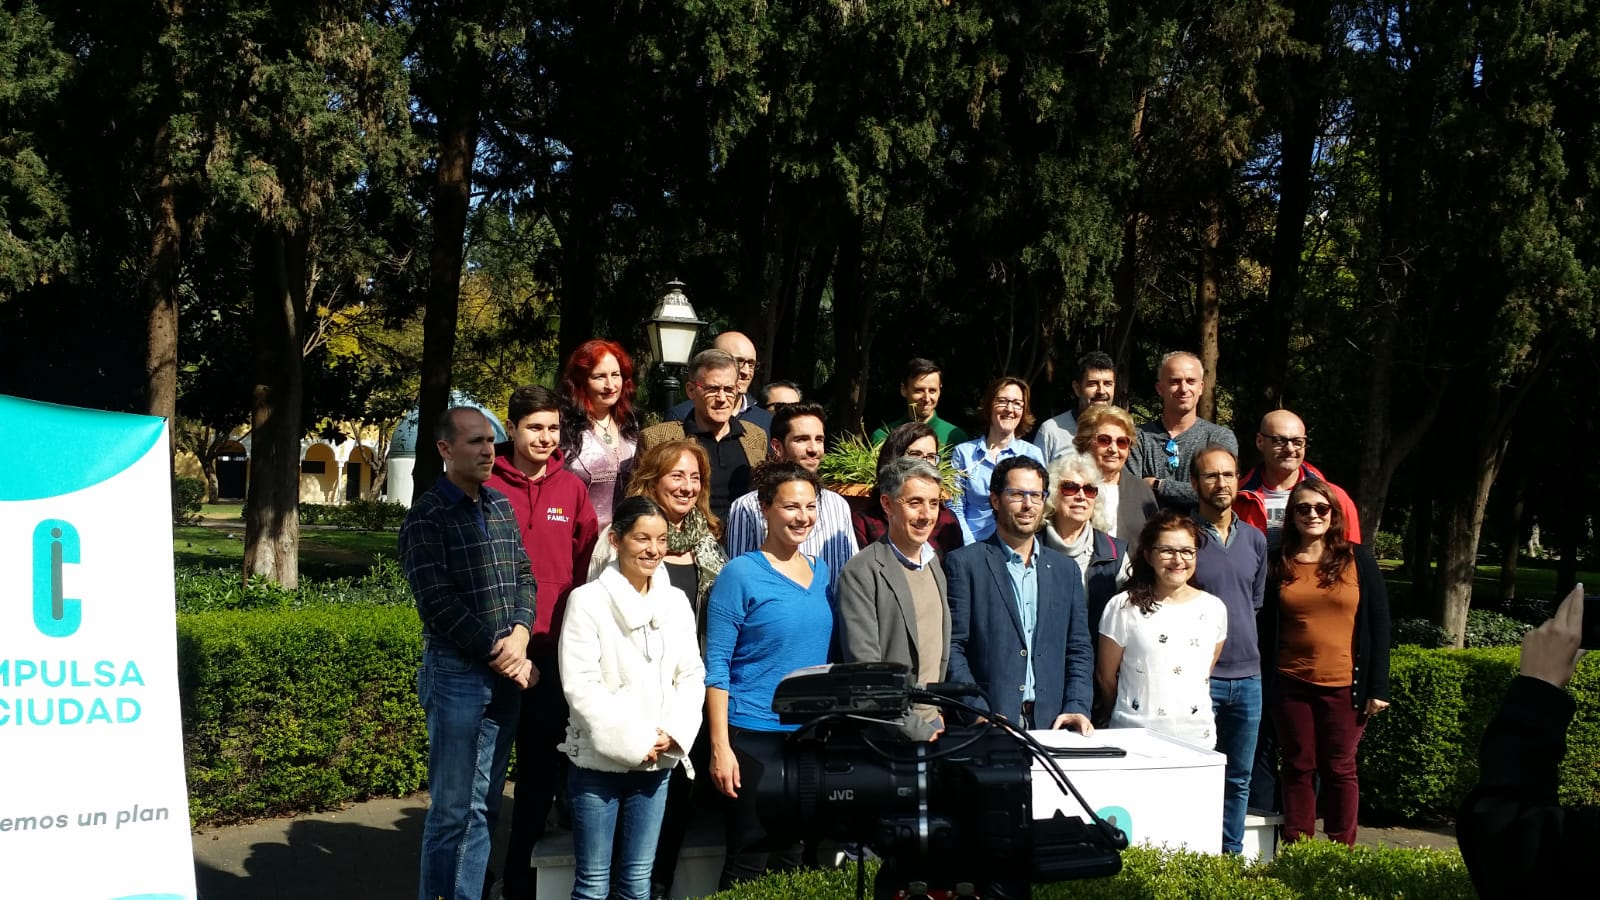 El economista Javier Lima será candidato a la Alcaldía de Impulsa Ciudad